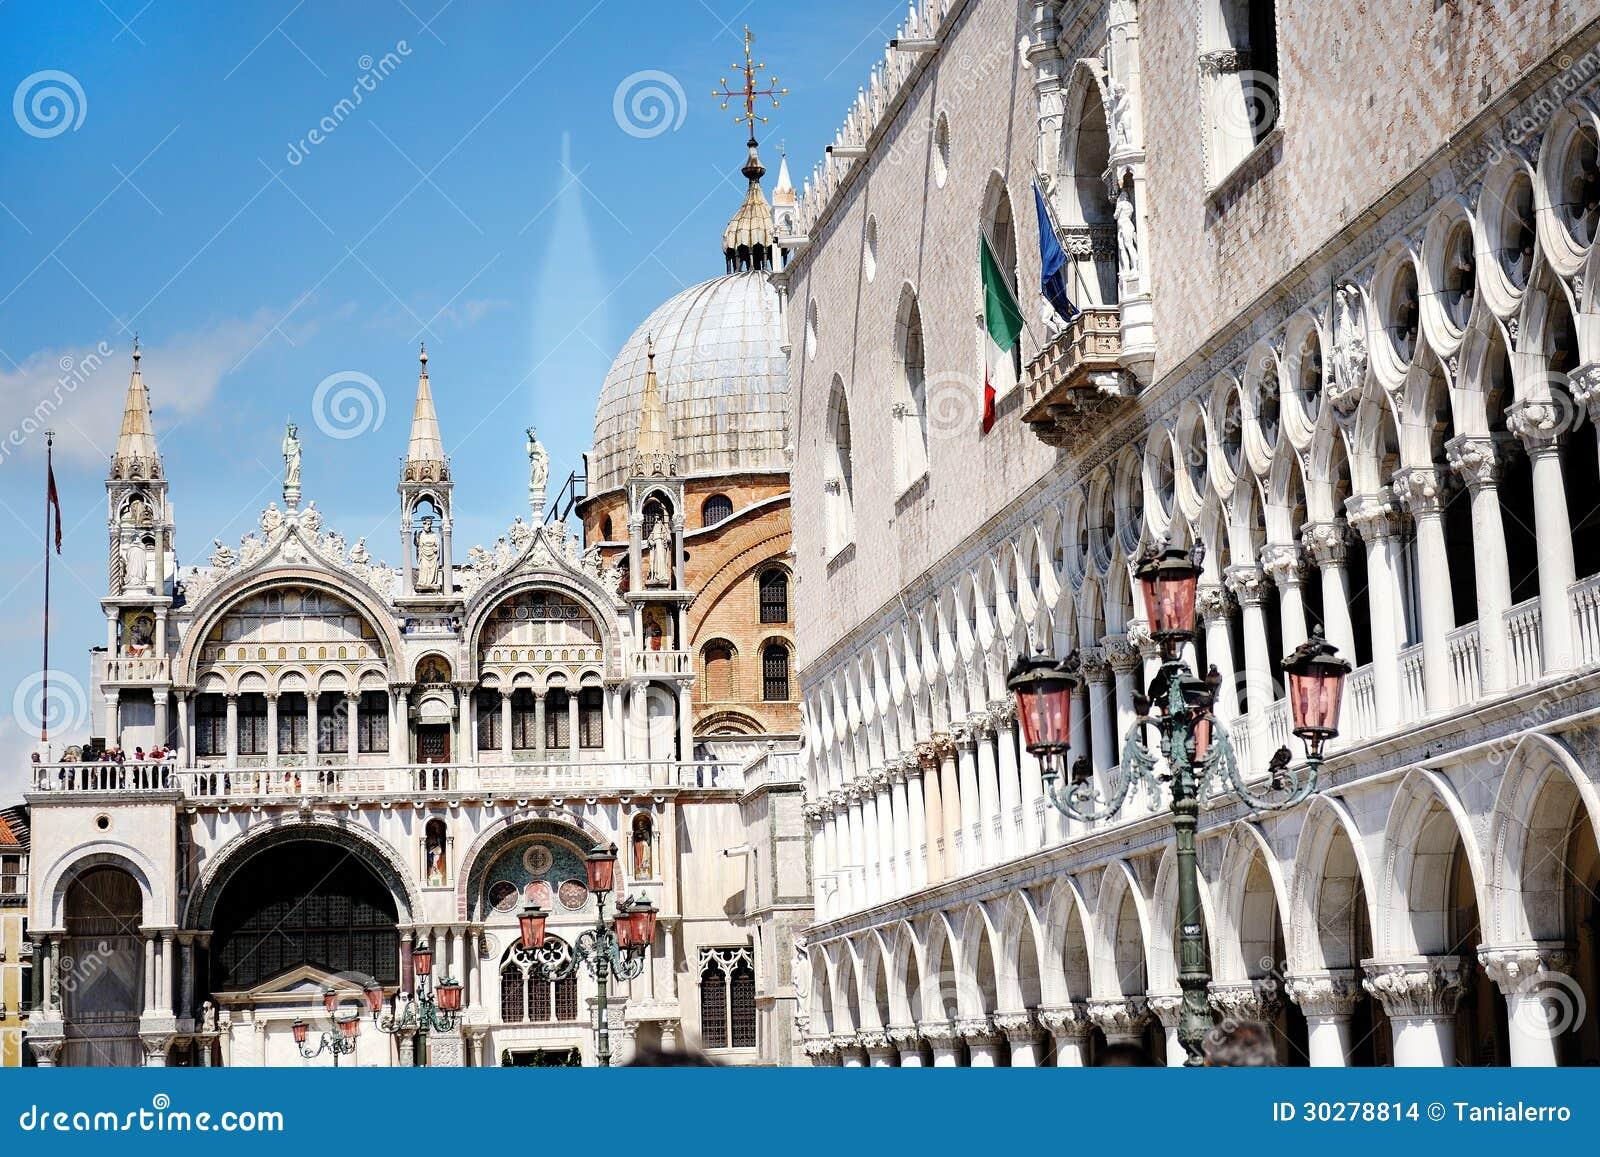 共和国总督的宫殿和圣马克的大教堂在威尼斯